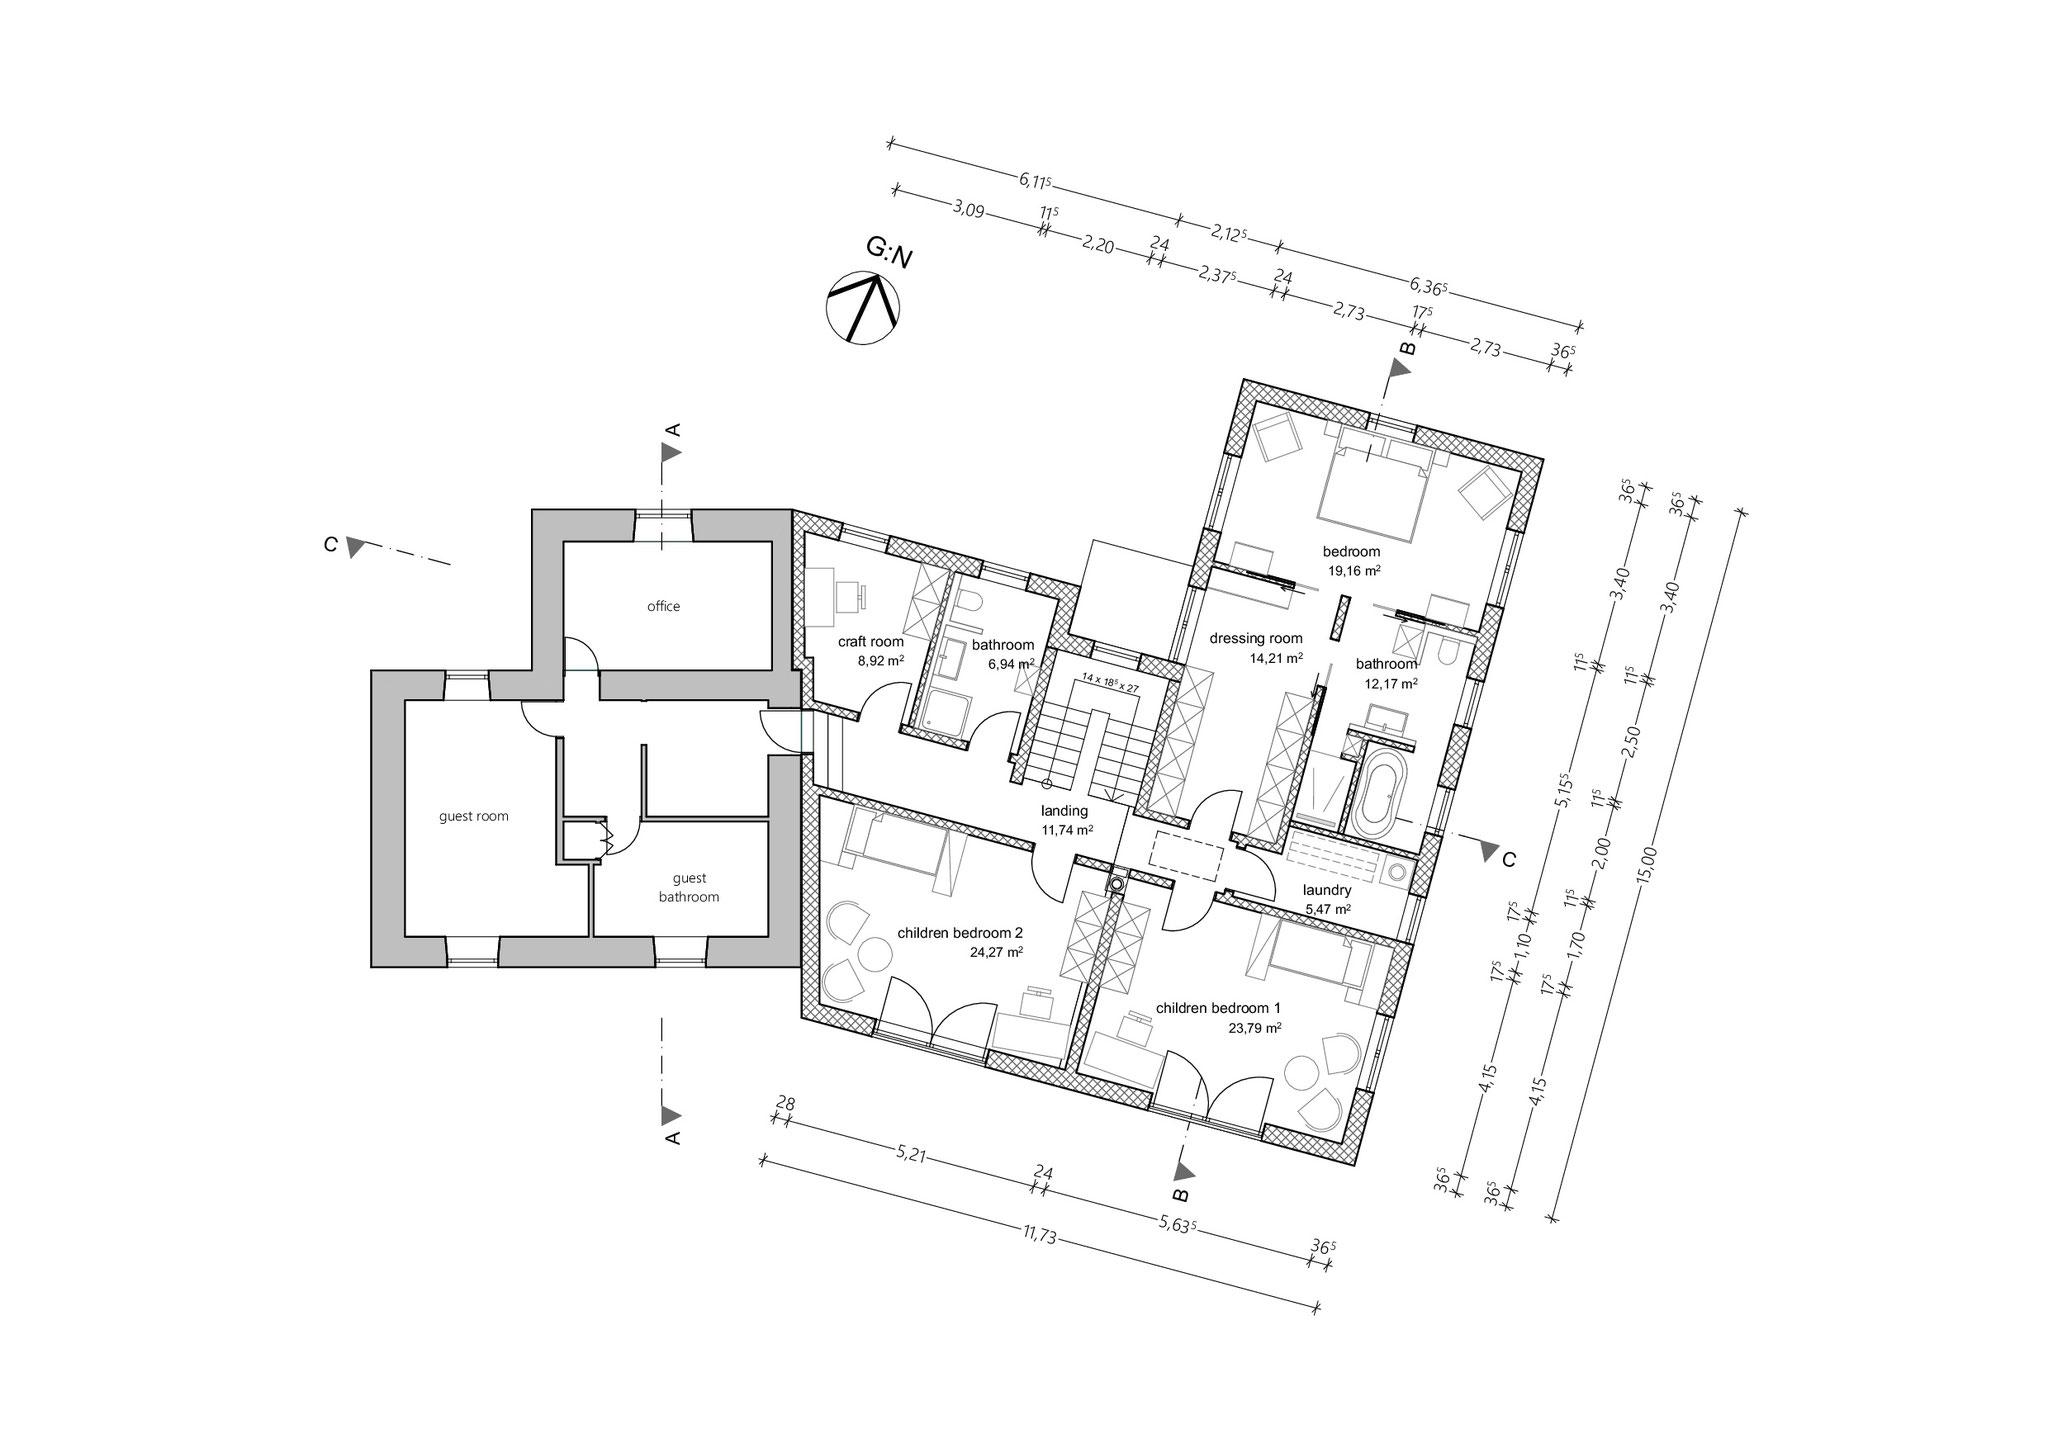 Grundriss, Obergeschoss, Teilabbruch und Neubau Wohnhaus mit Garage in Rynys